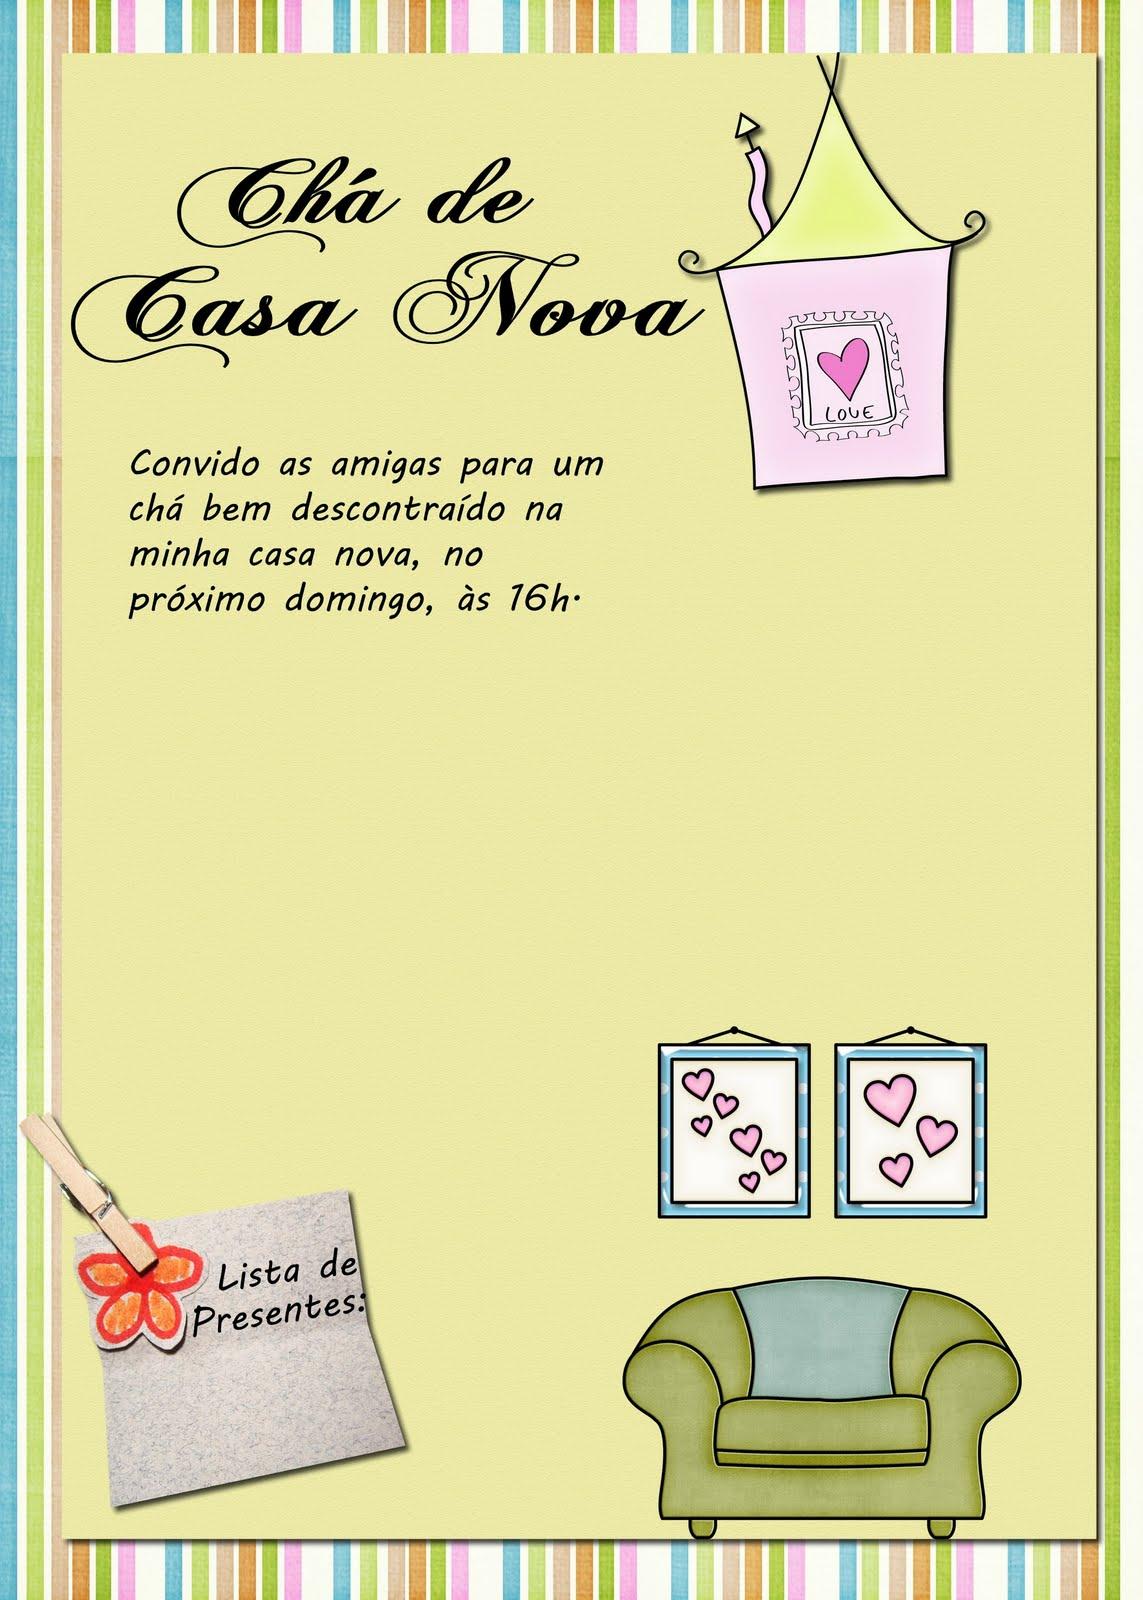 Arte Feita Para Convite De Ch   De Casa Nova Para Minha Amiga Grace